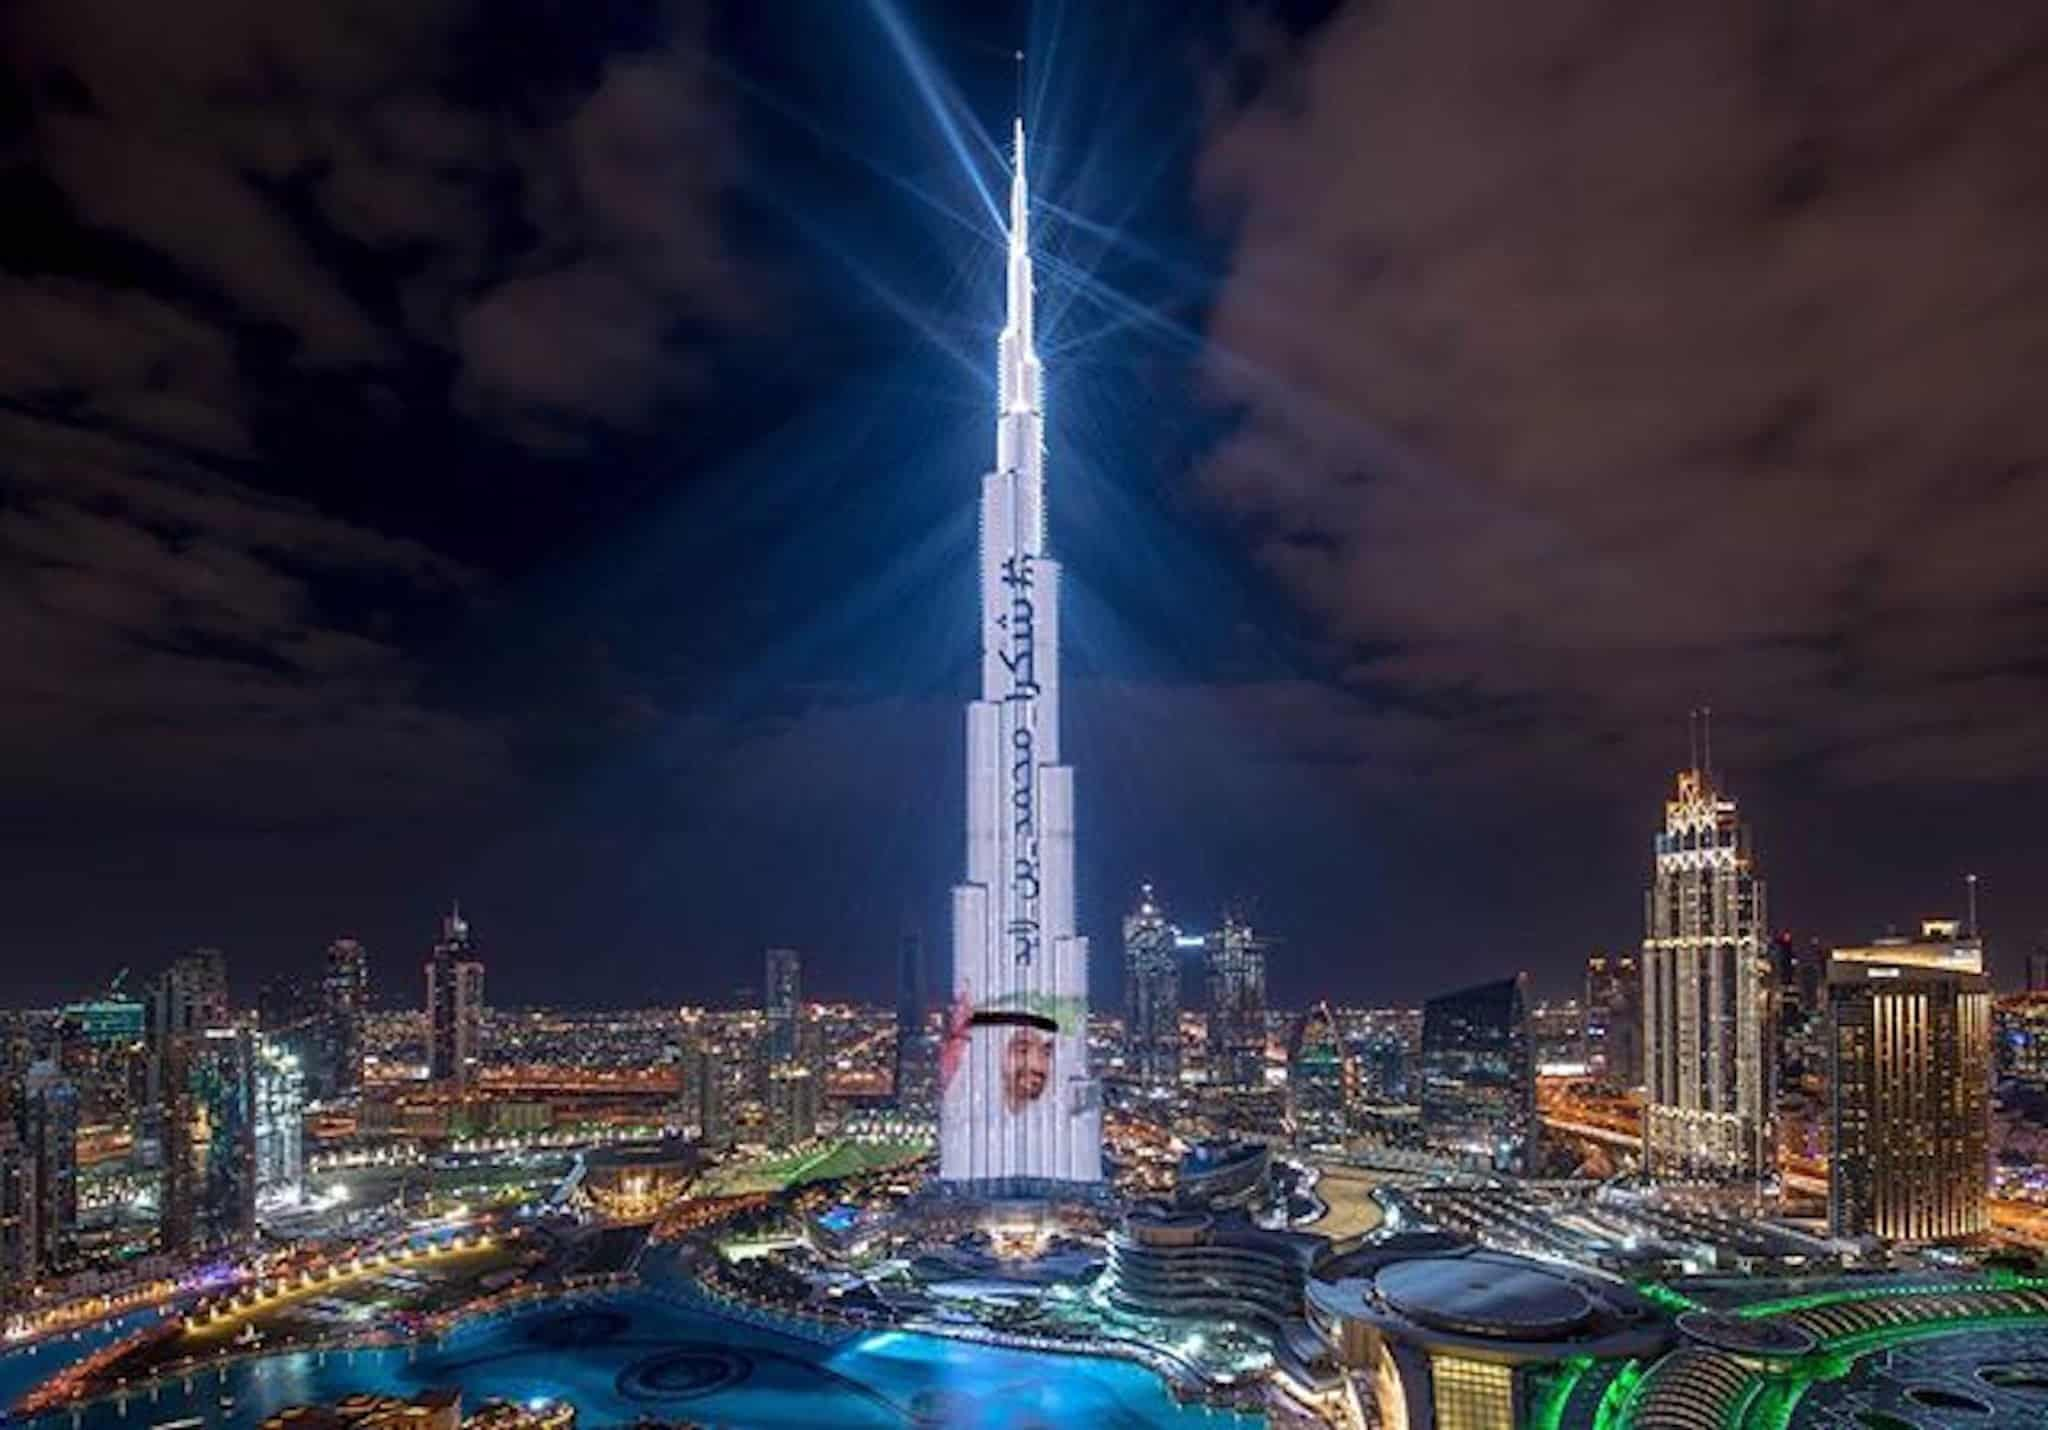 مشاهدة الألعاب النارية في دبي